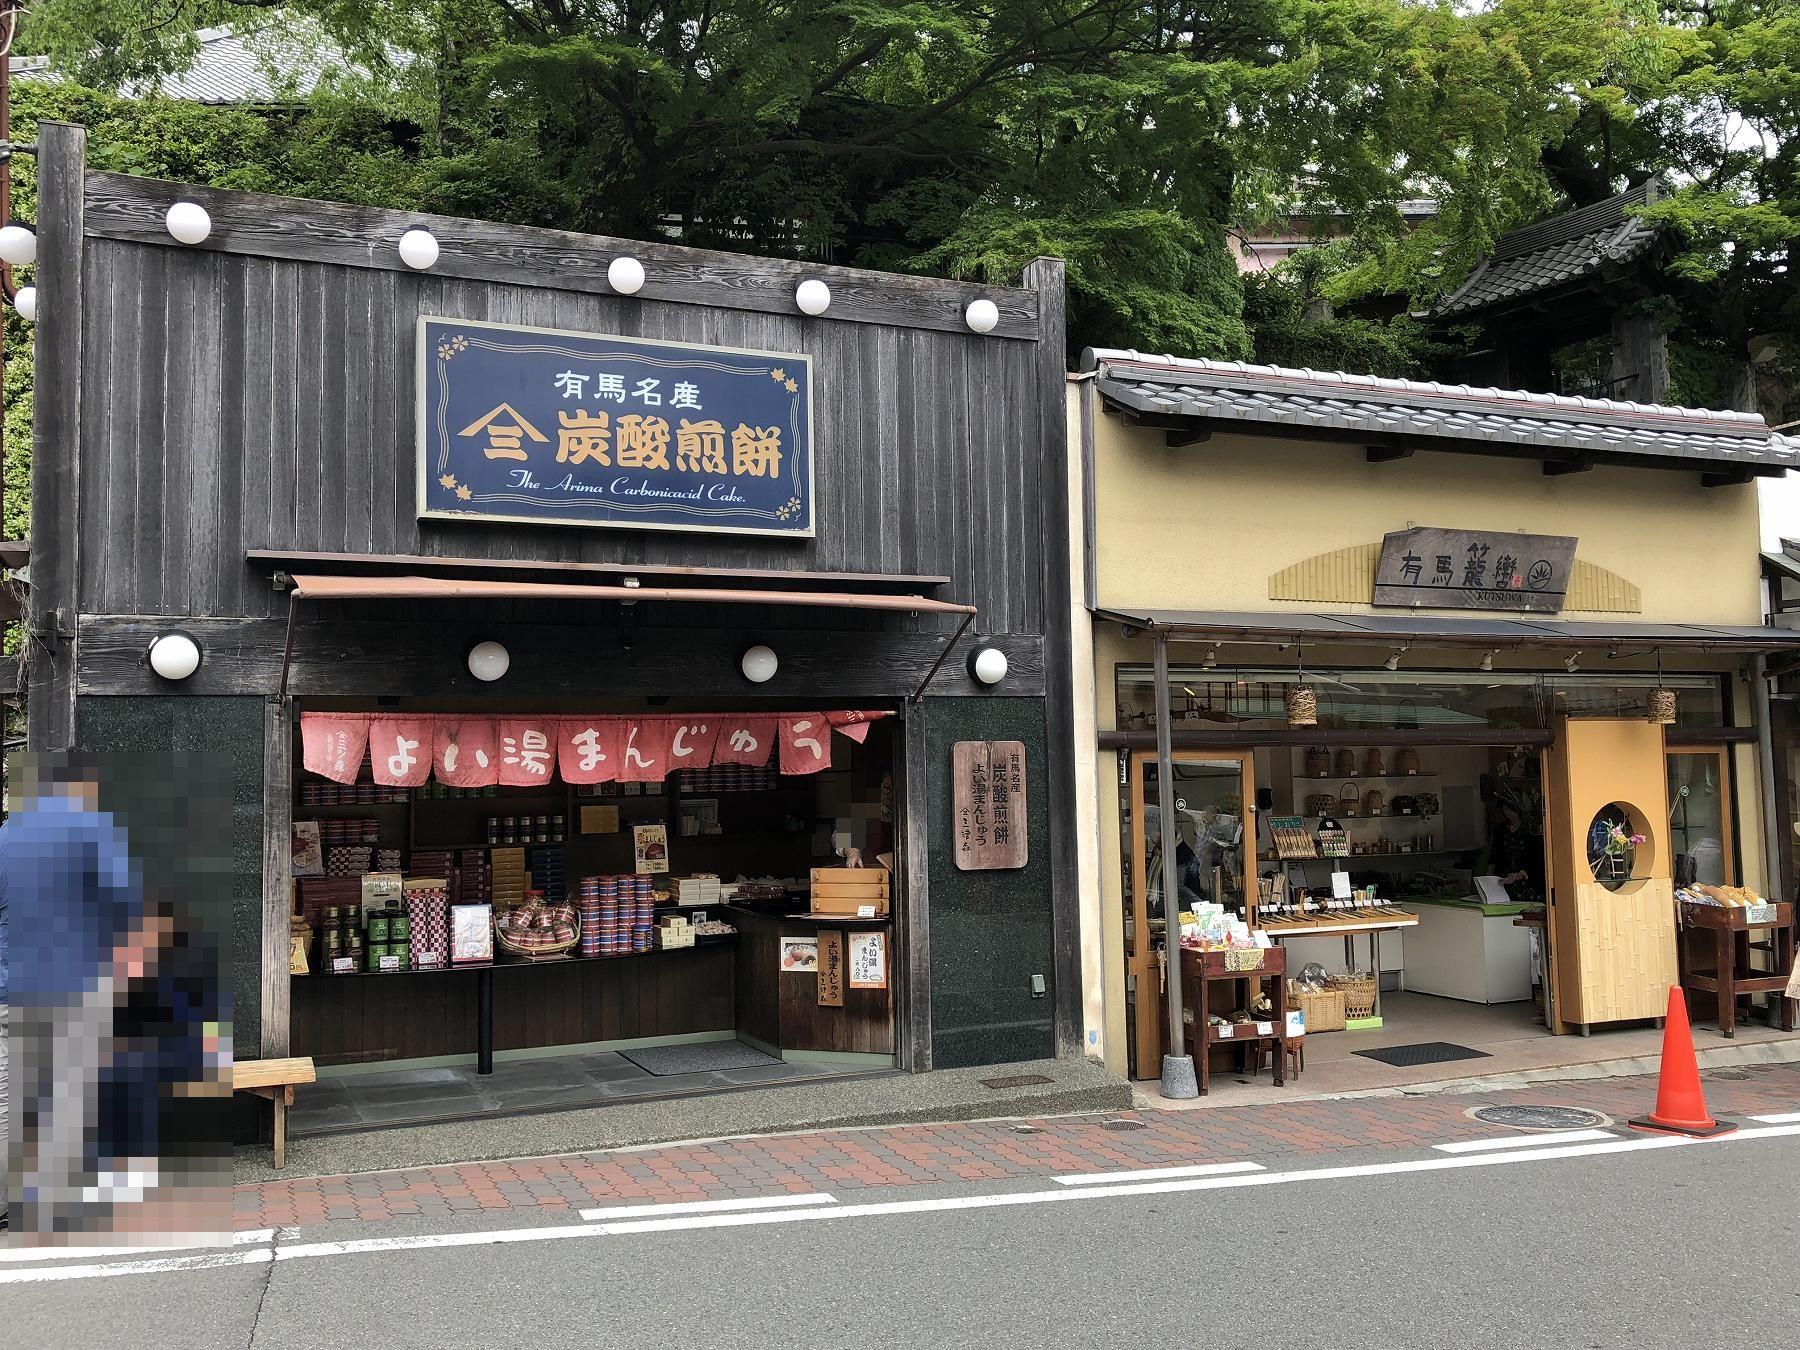 神戸・北区の有馬温泉は、「ニジマスつかみ取り体験」や日帰り散策におすすめだよ! #有馬温泉 #神戸市北区 #有馬ます池 #ニジマスつかみ取り #神戸観光